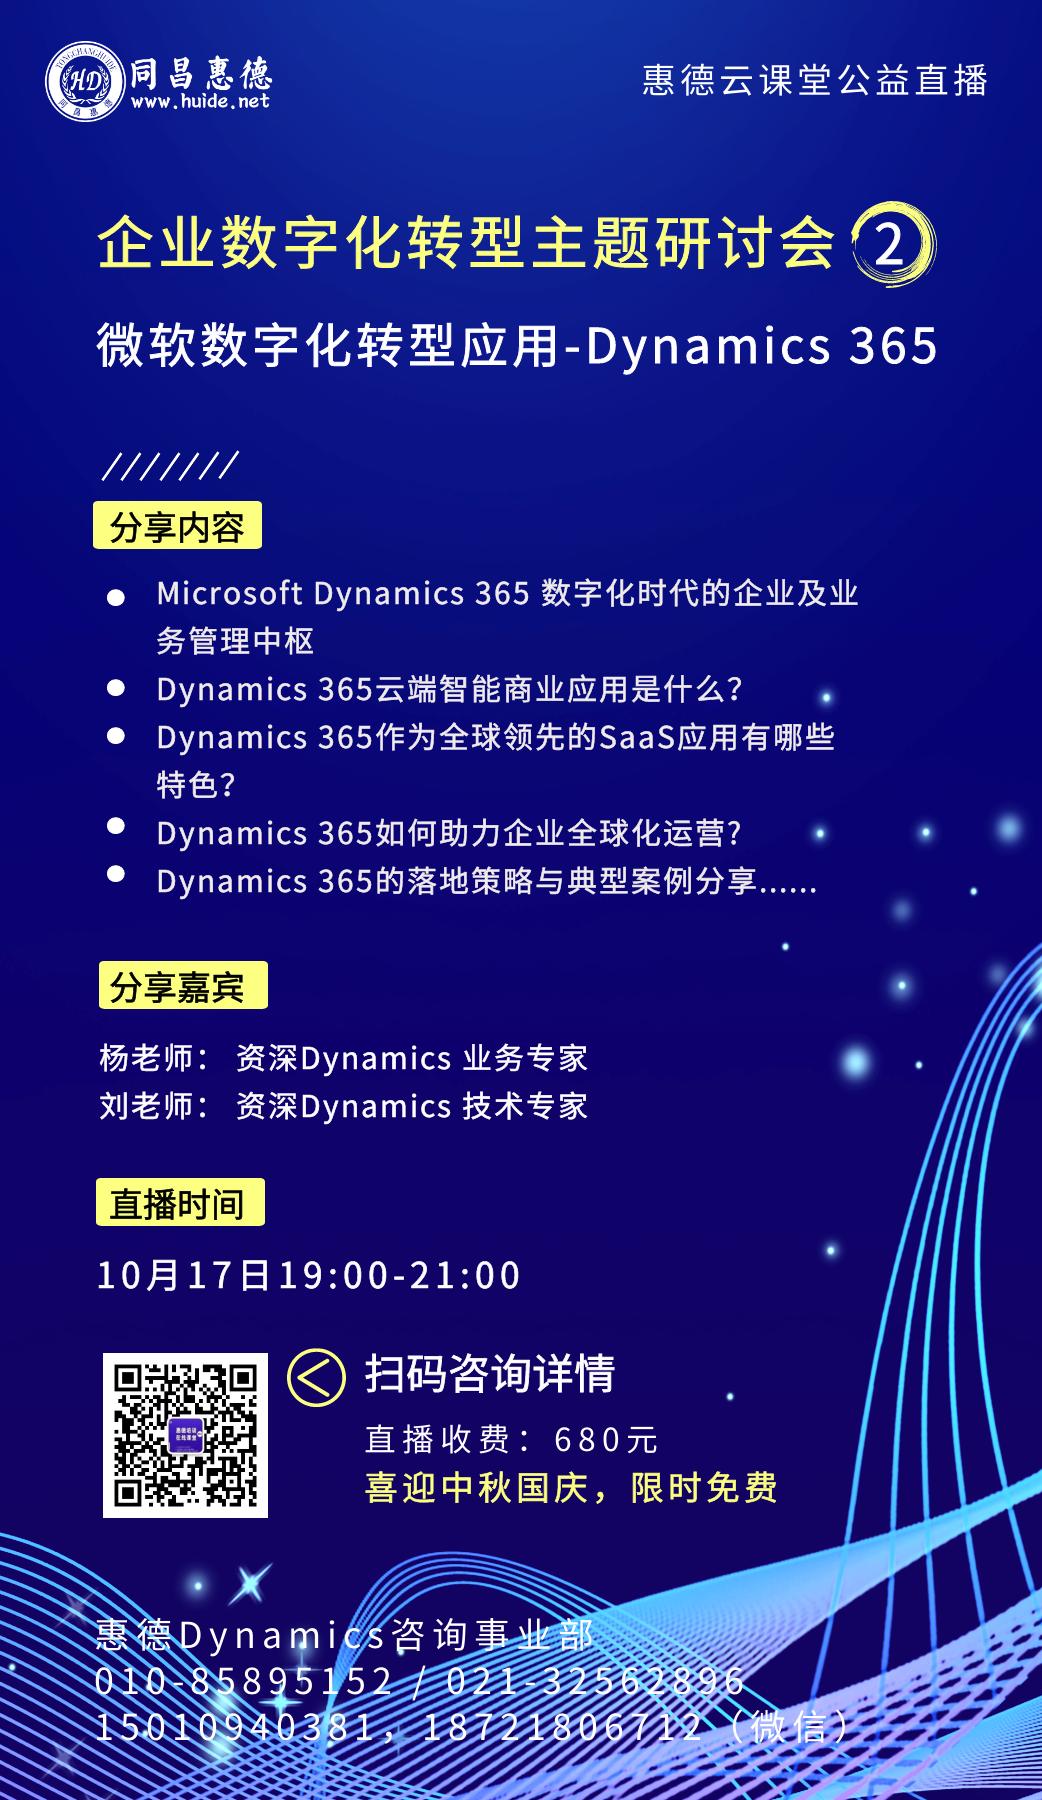 10月17日《企业数字化转型主题研讨会-微软数字化转型应用-Dynamics 365》.png